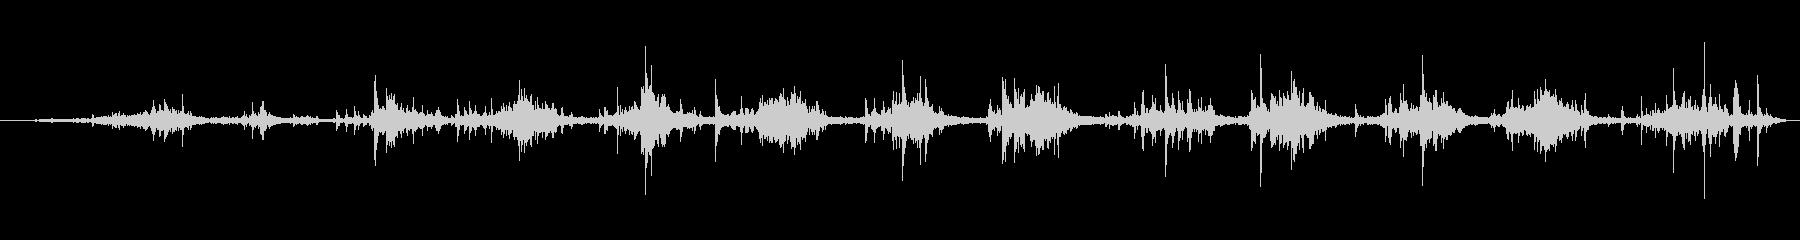 ハーネス ライトウォーク高速シーケ...の未再生の波形